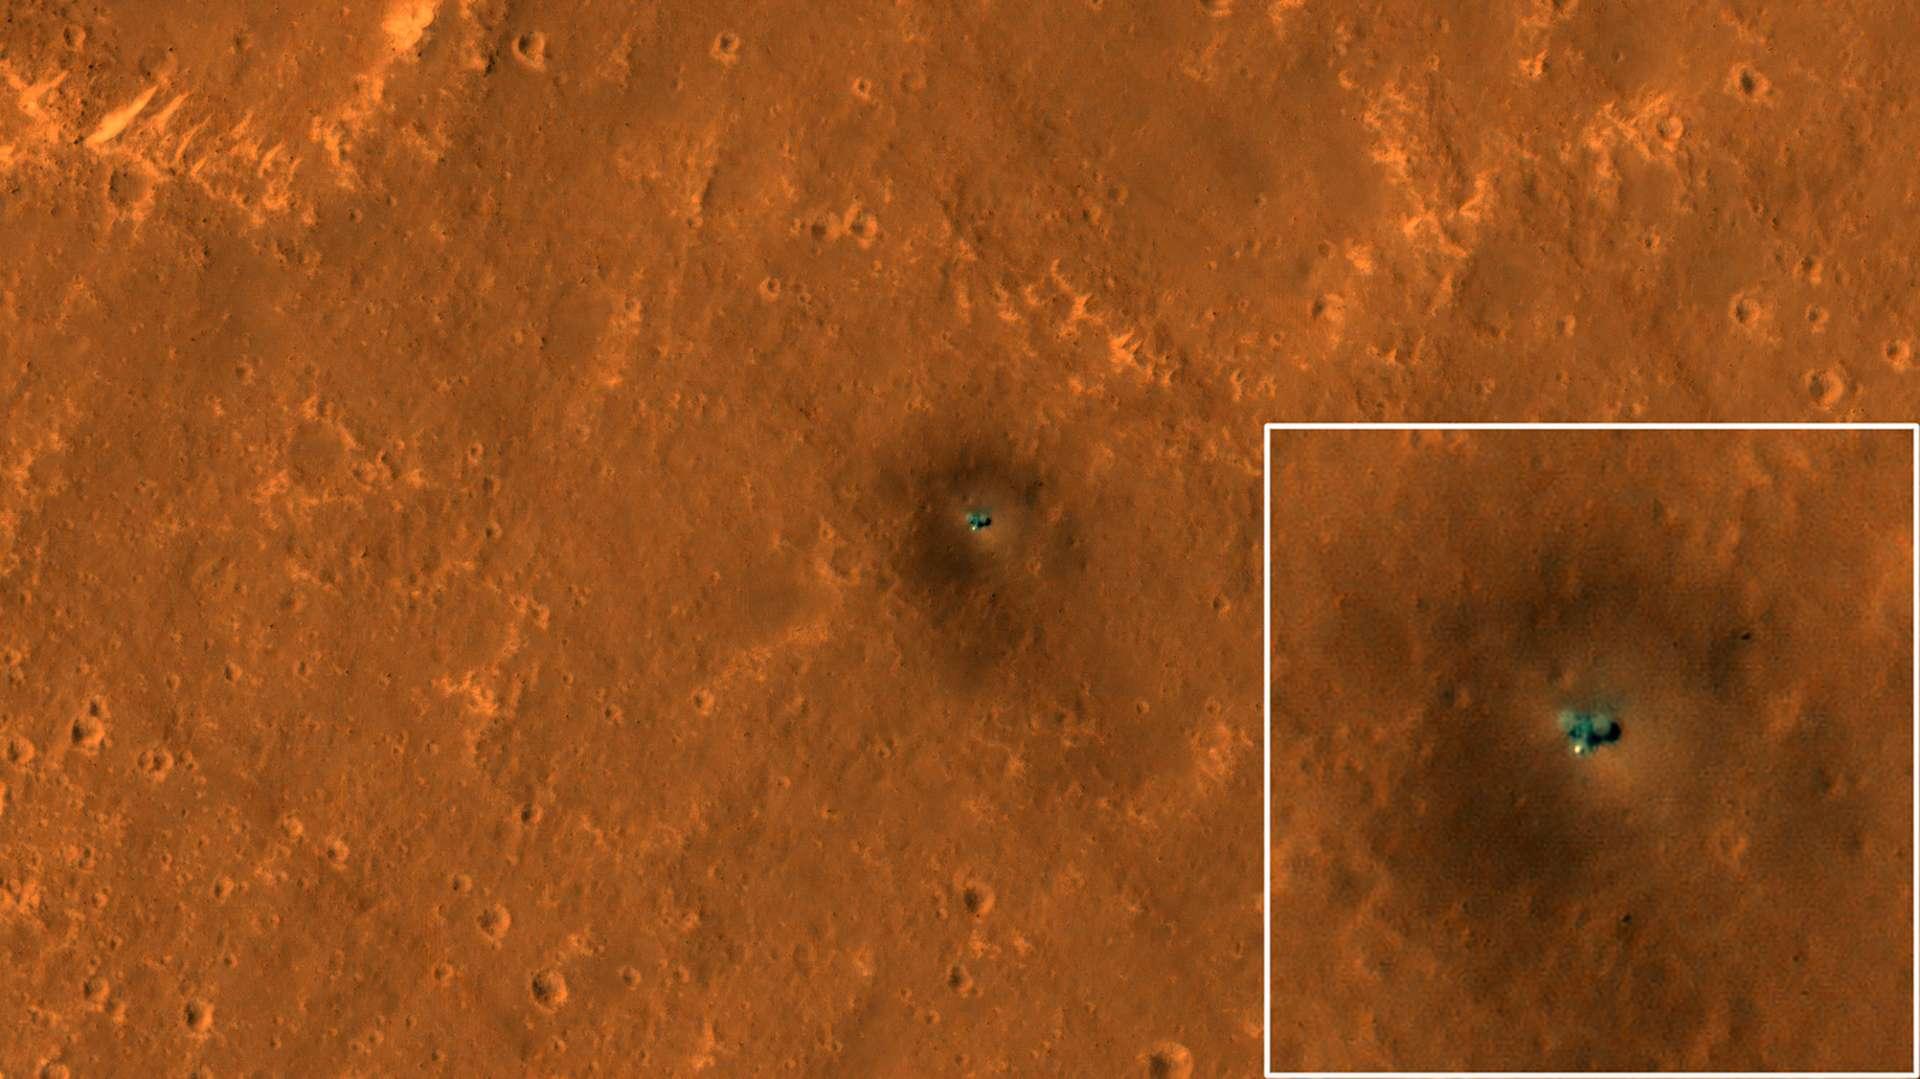 La sonde InSight de la Nasa, sur Mars, vue par la sonde Mars Reconnaissance Orbiter en orbite autour de la planète rouge. © Nasa, JPL-Caltech, University of Arizona